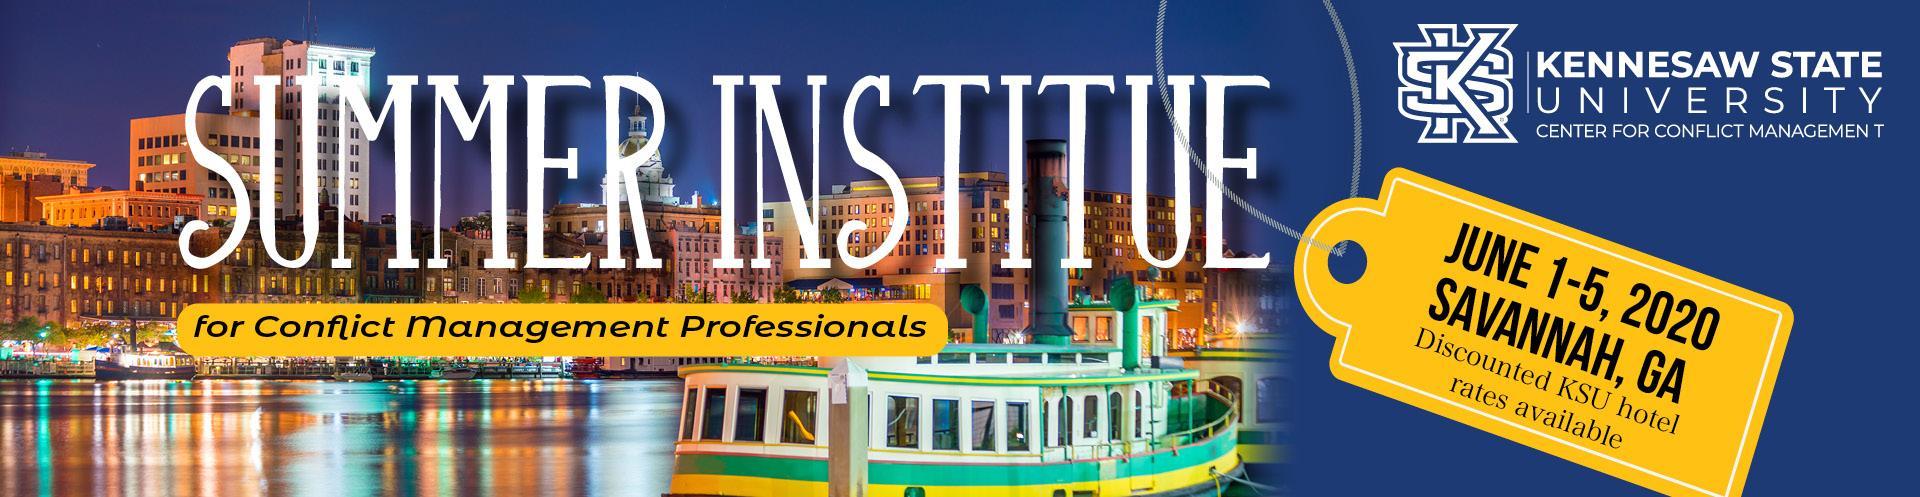 June 1-5 Summer Institute for Conflict Management Professionals